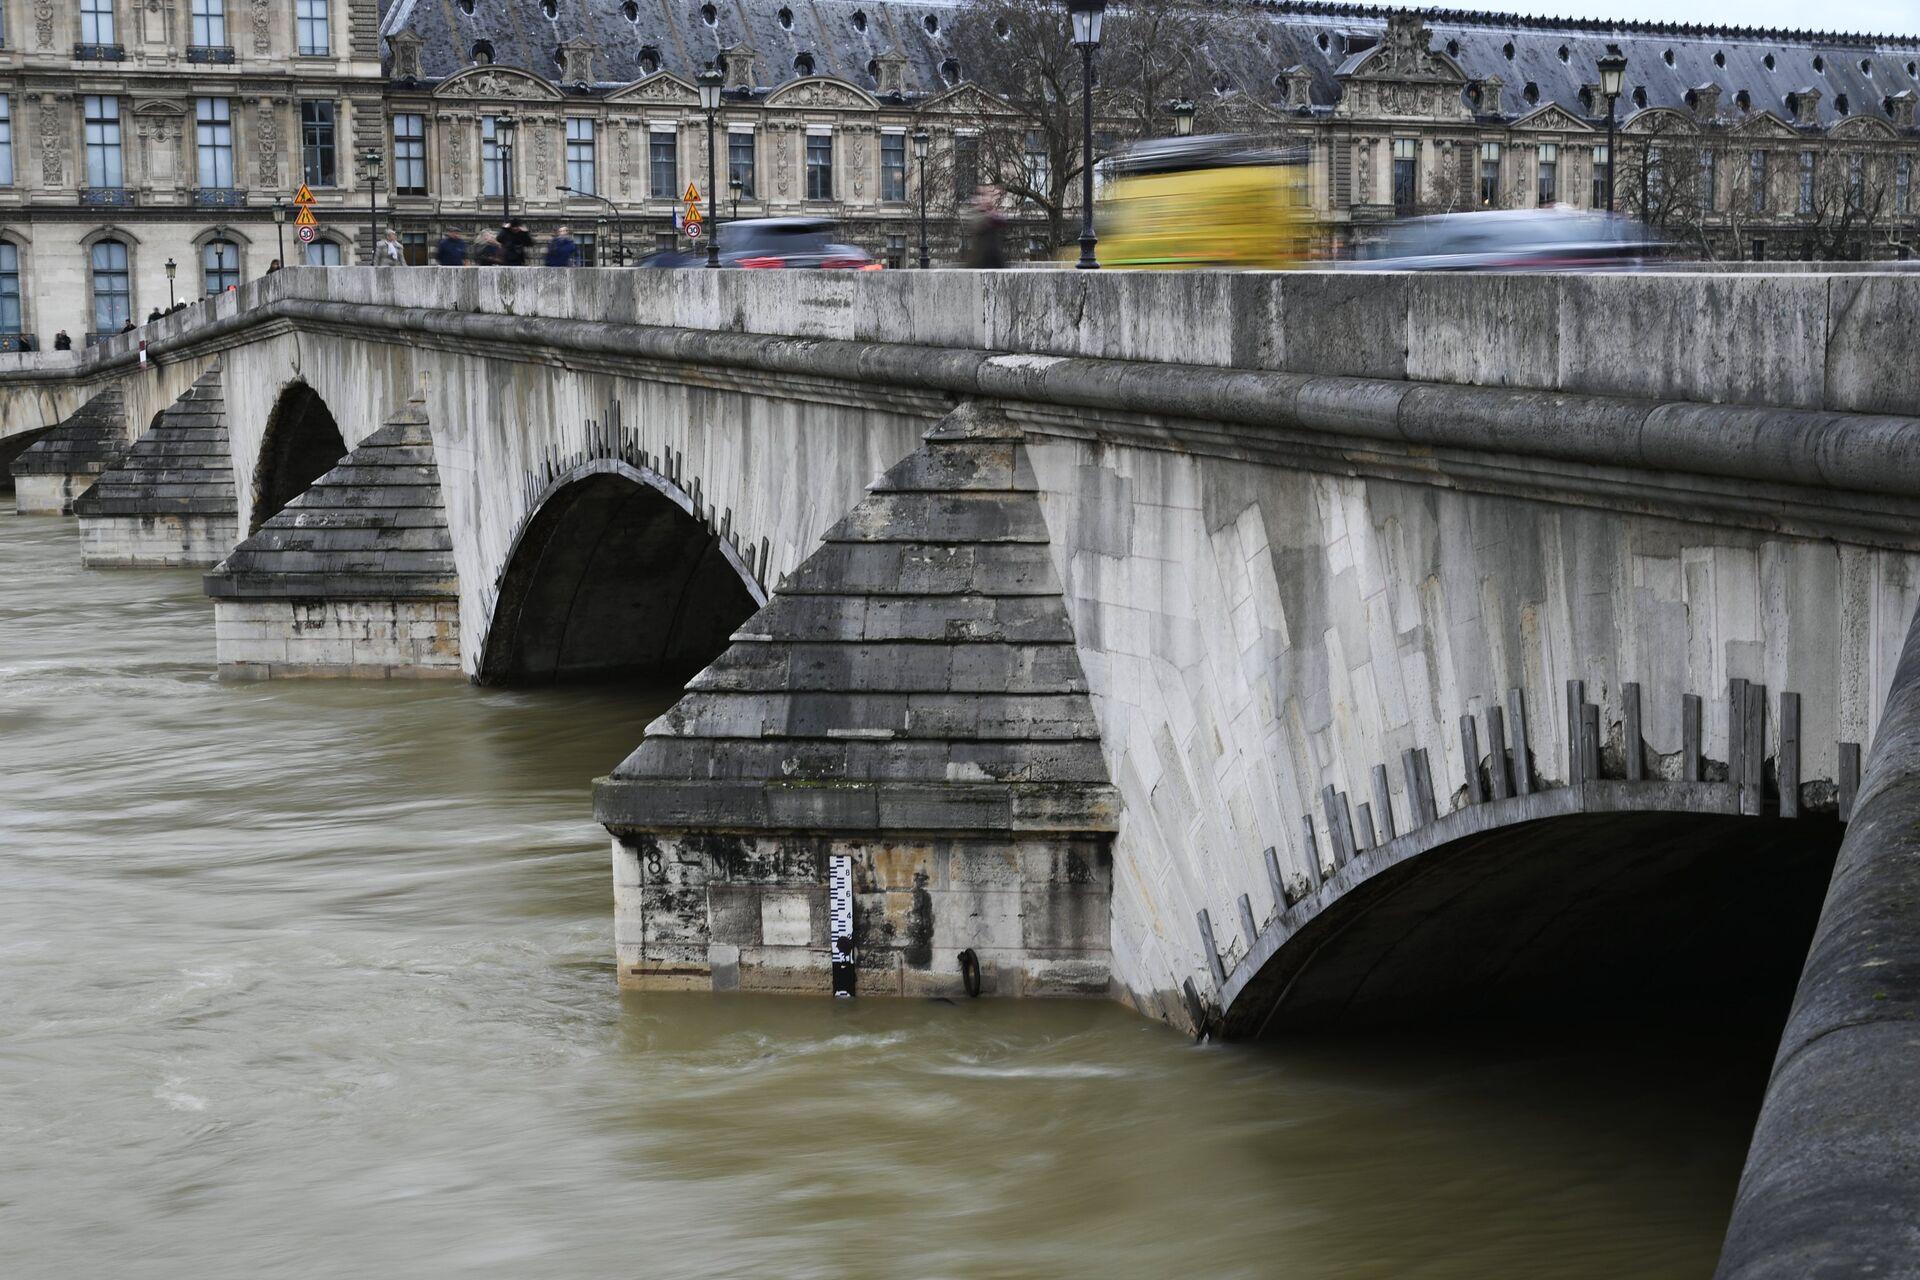 Уровень воды в реке Сене в Париже достиг пика. 29 января 2018 - РИА Новости, 1920, 16.10.2020